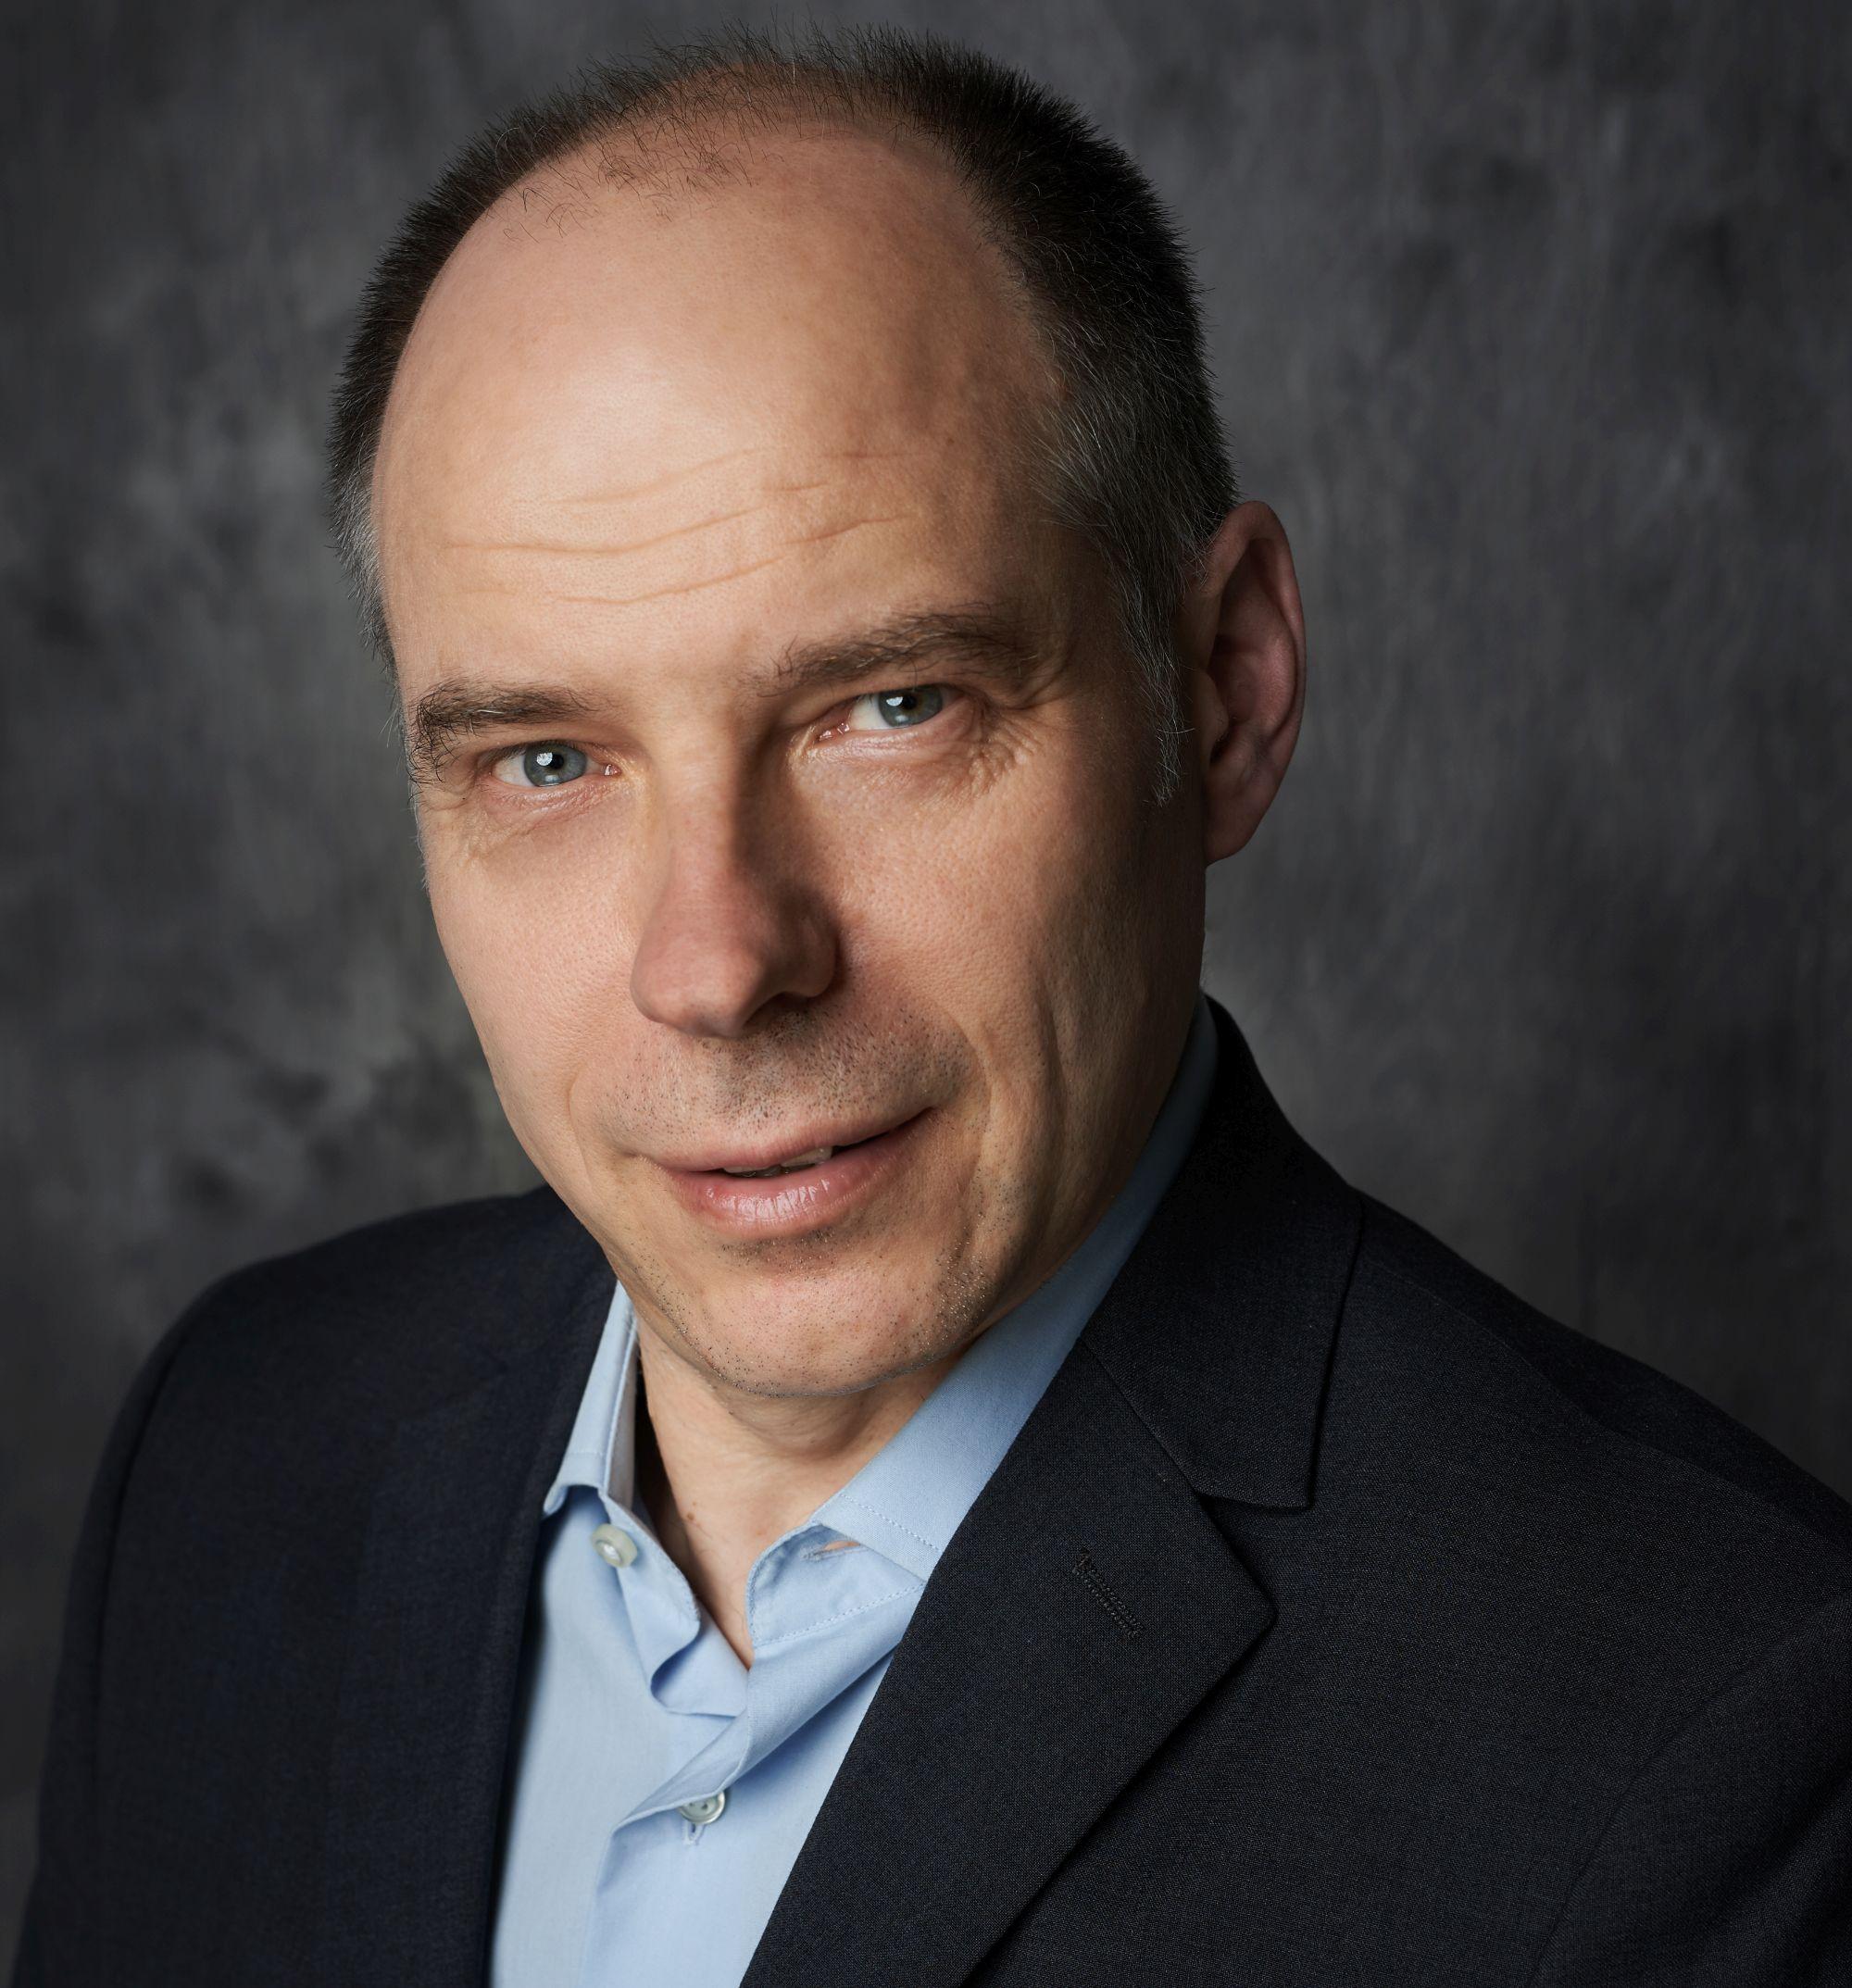 Jerzy Korzewski